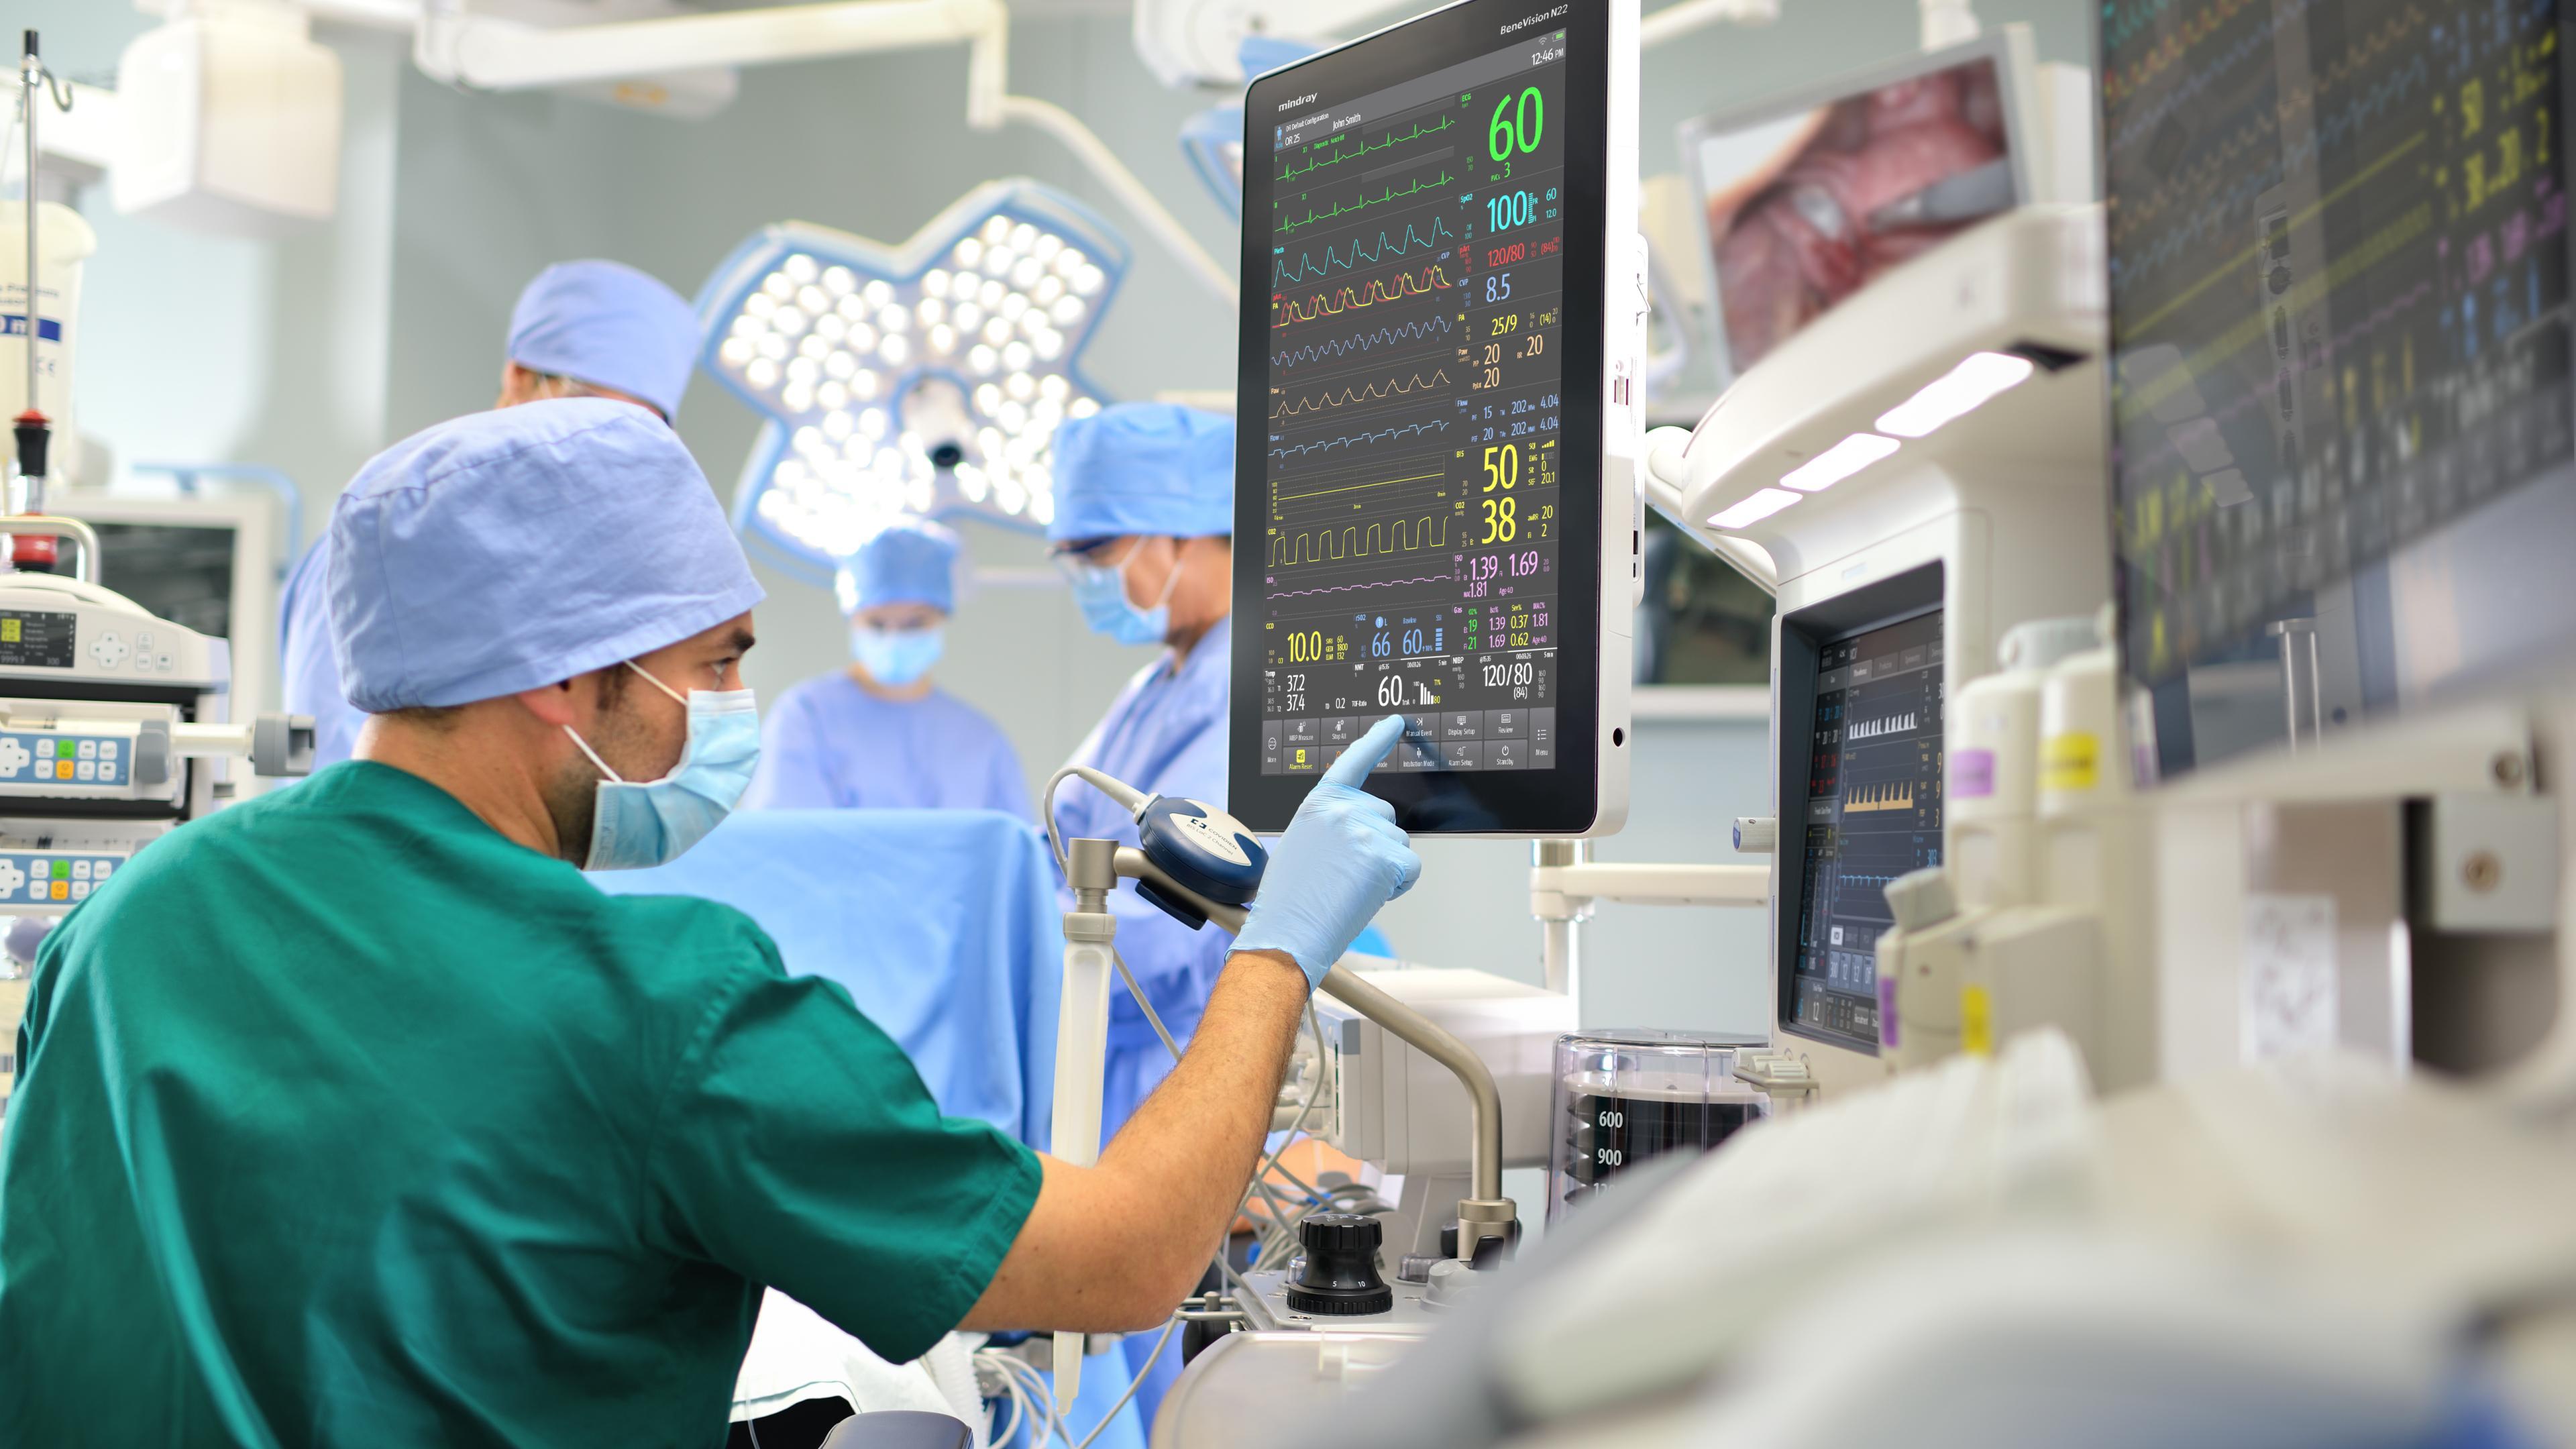 Более 80% госпитализированных пациентов с COVID-19 имеют неврологические симптомы